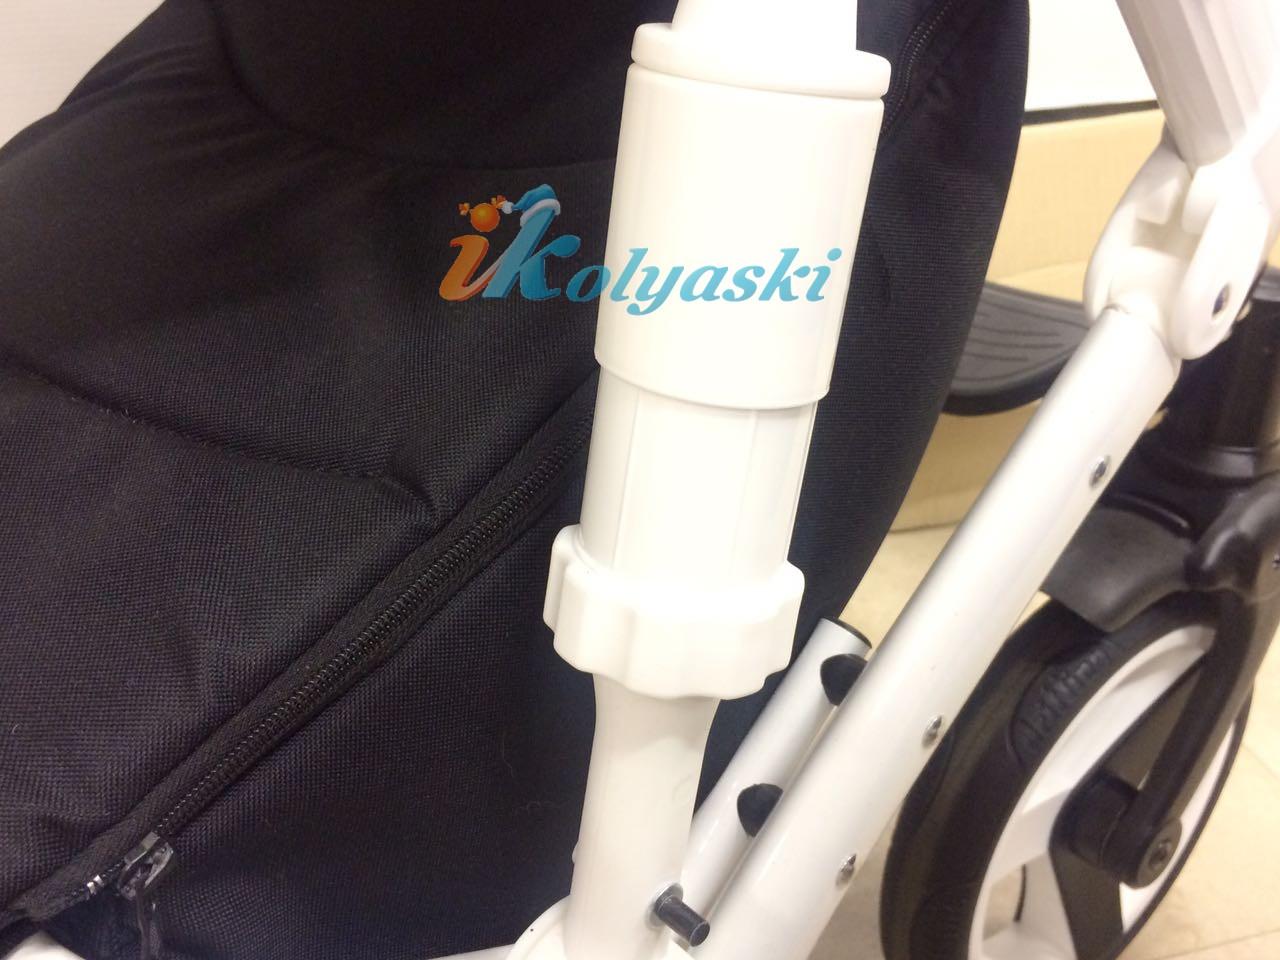 Little Trek Avenir фирменная, оригинальная, Детская спальная коляска для новорожденных два в одном 2 в 1 Литтл Трек Авенир. Боковые амортизаторы, дающие дополнительную мягкость коляске